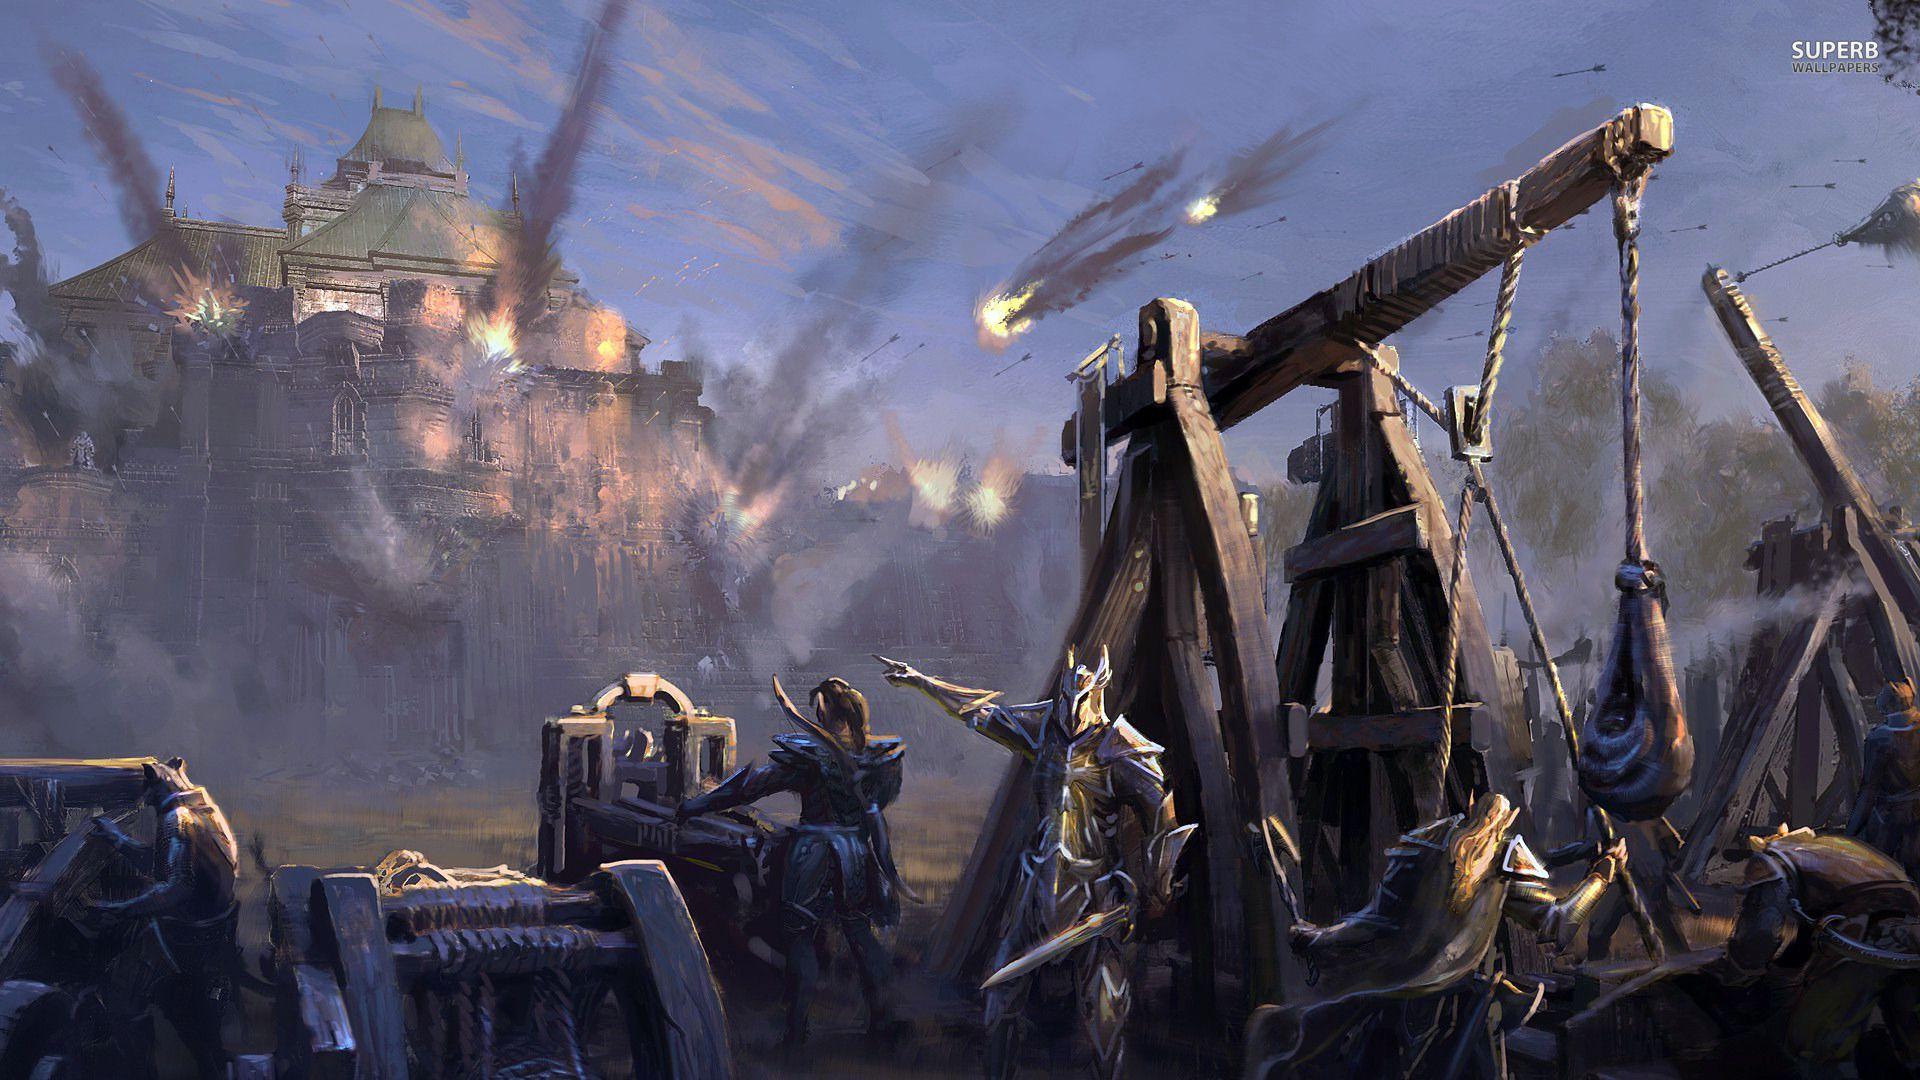 The Elder Scrolls Online Wallpaper Game Wallpapers